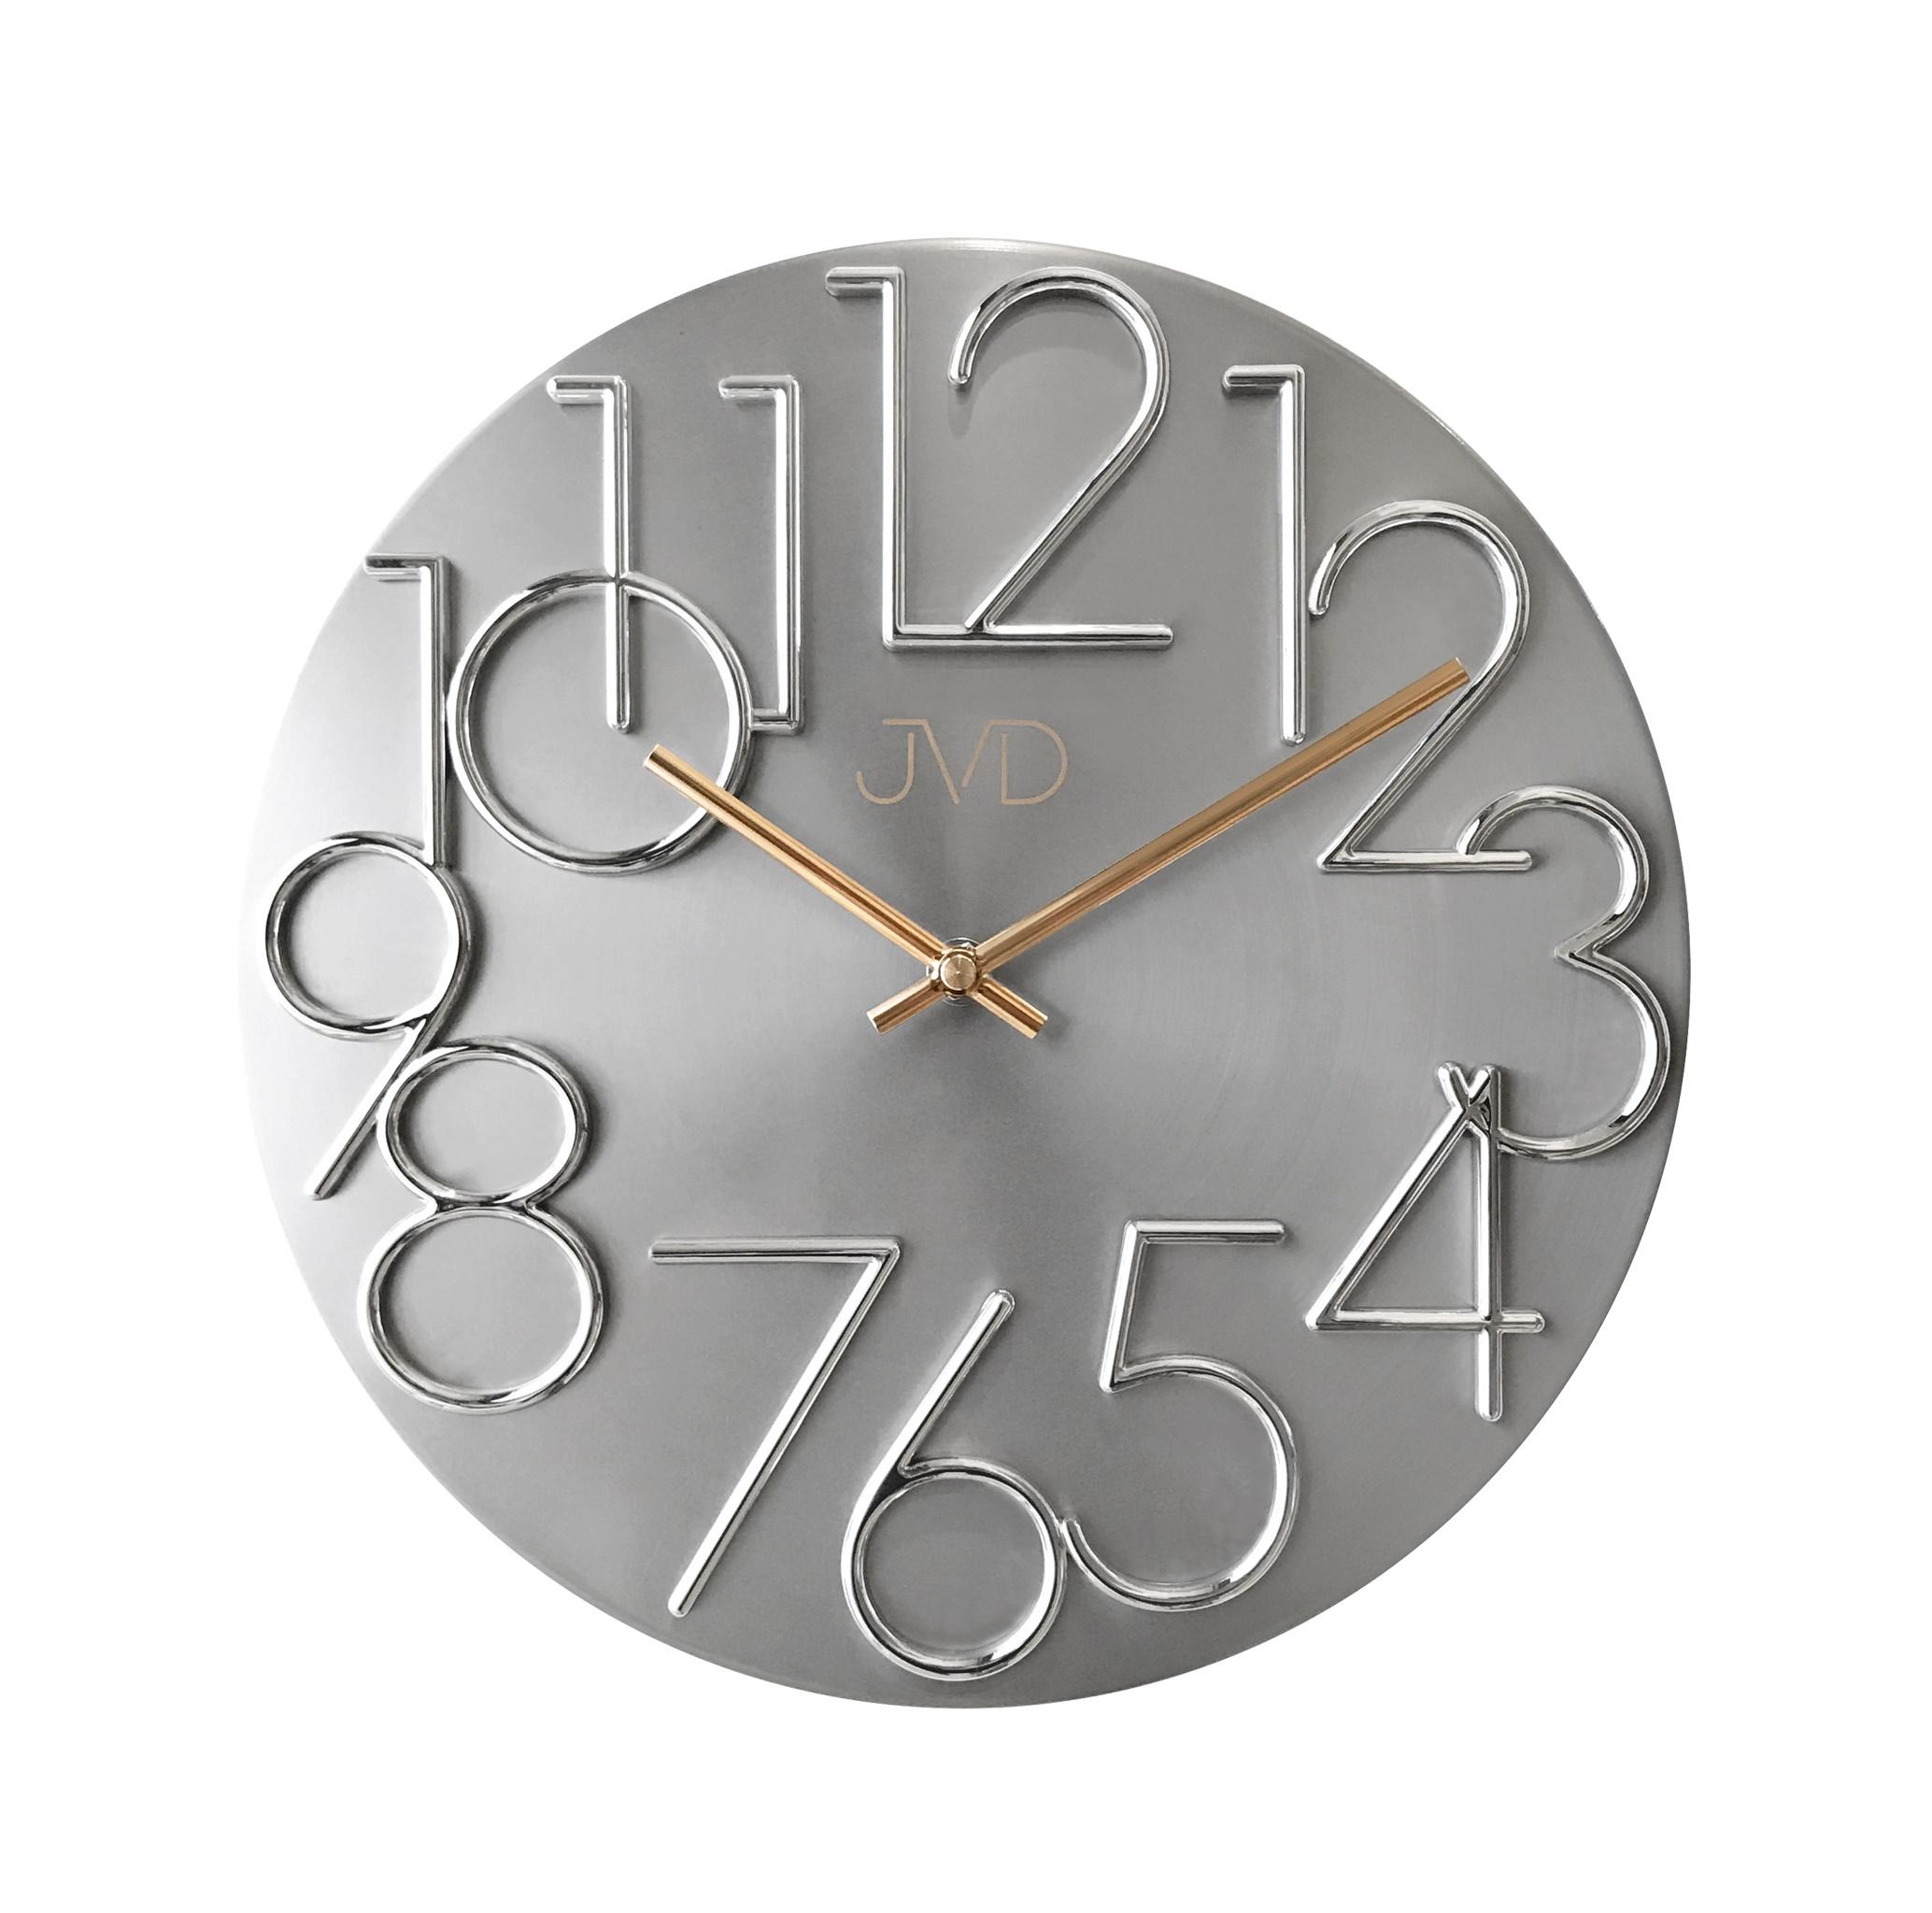 Kovové designové nástěnné stříbrné hodiny JVD HT23.1 - II. jakost